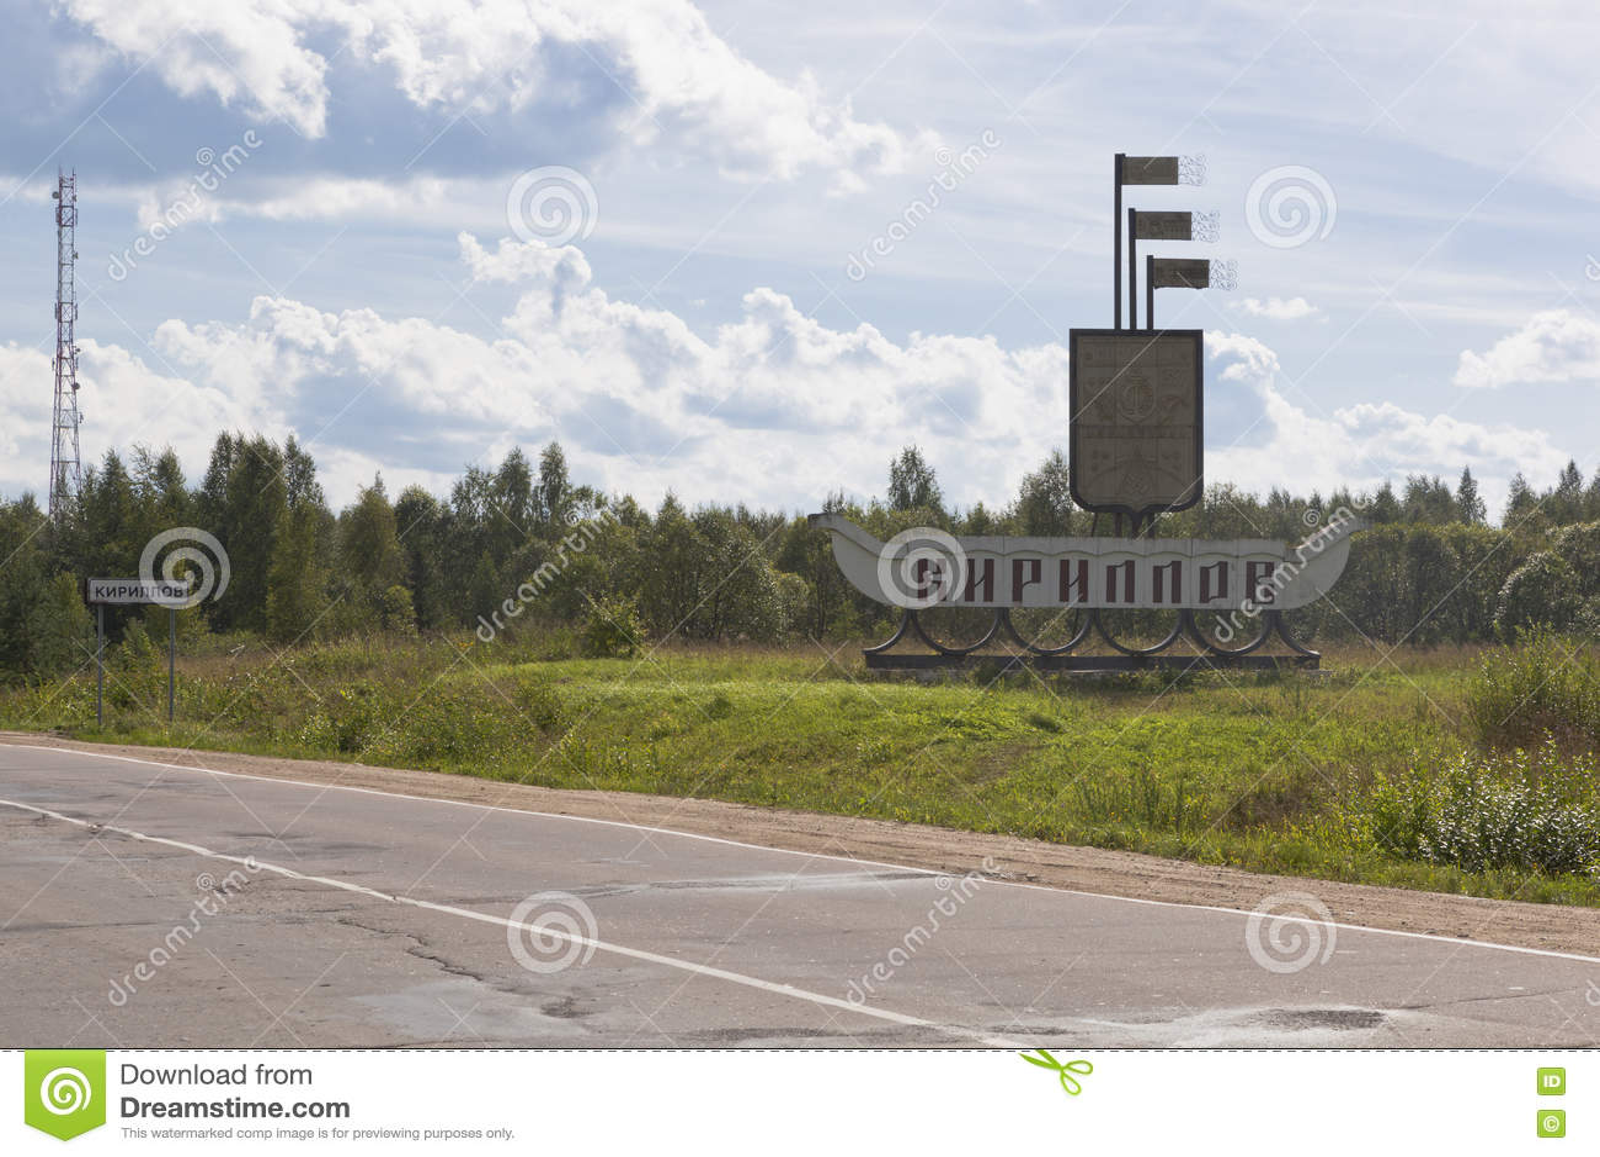 Stella på ingången till staden Kirillov, Vologda region, Ryssland